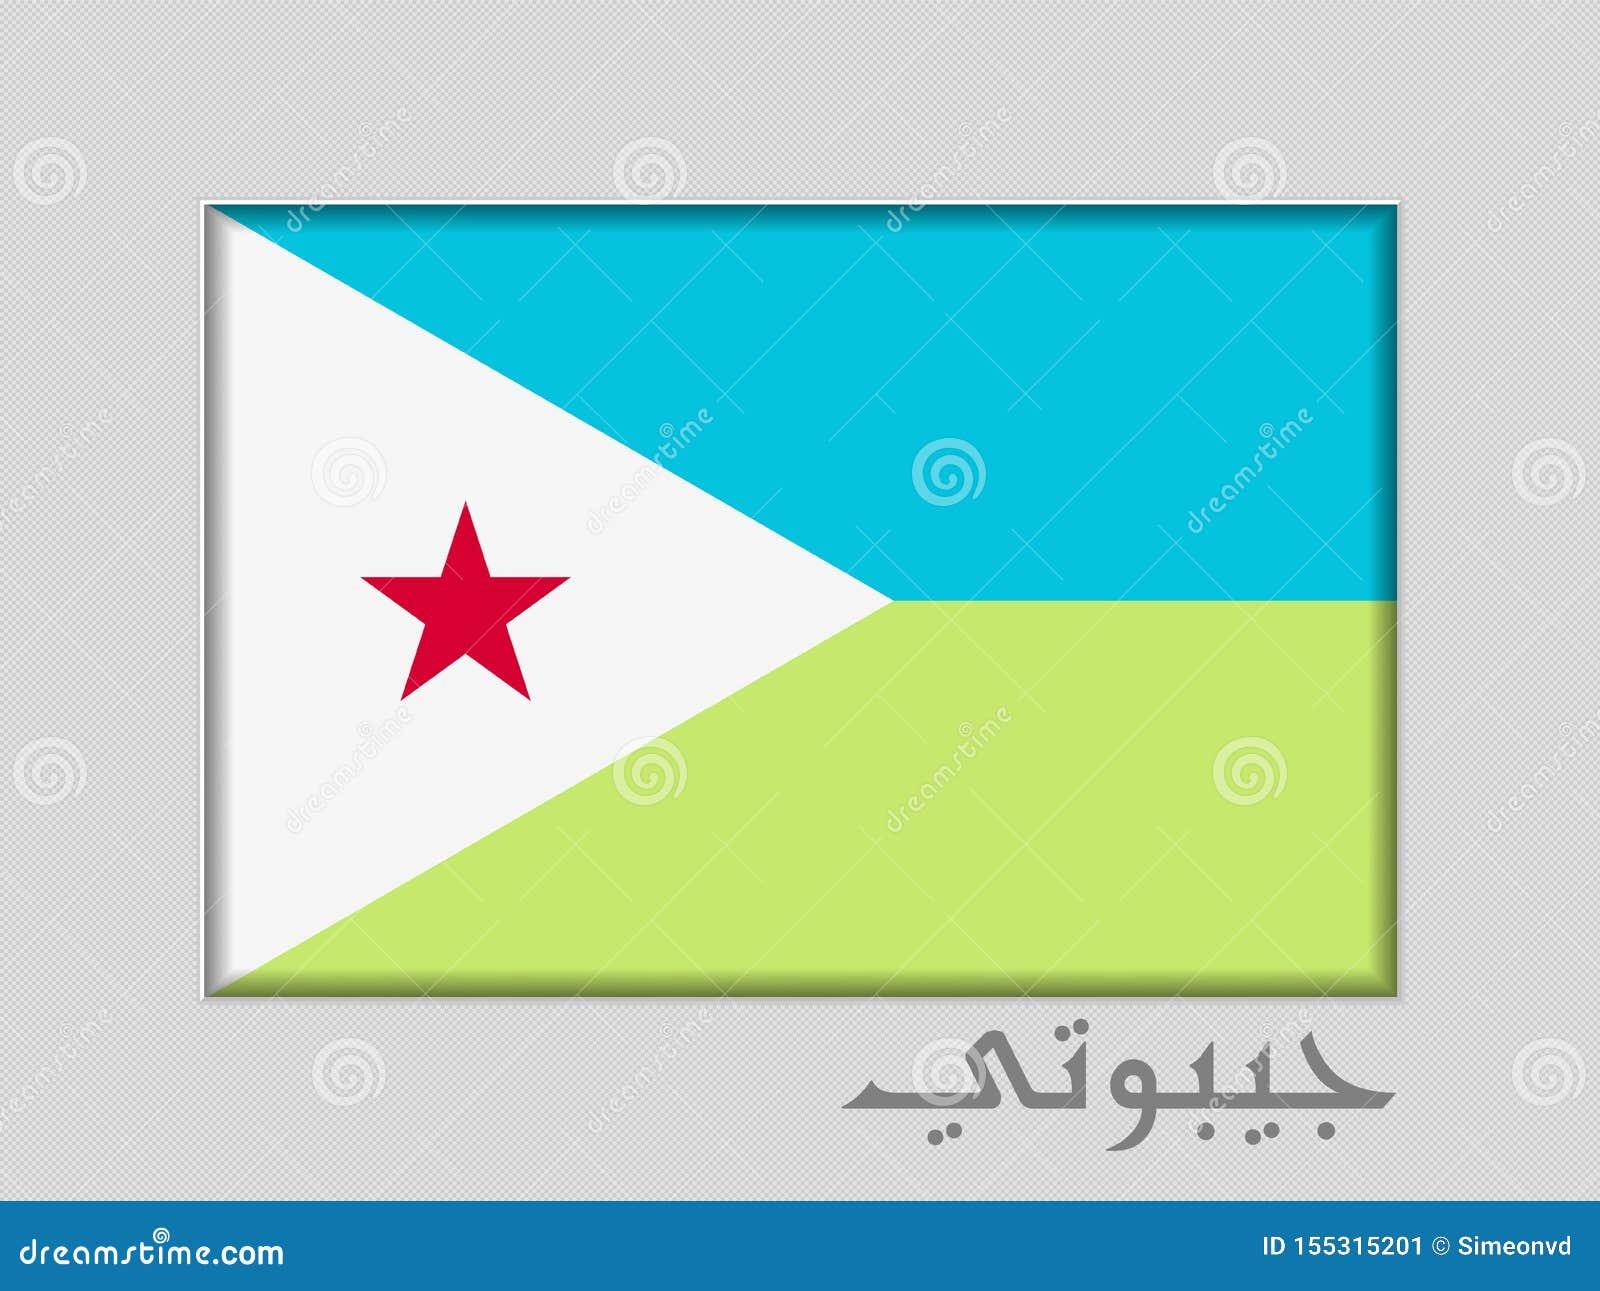 Флаг Джибути с именем страны на арабском Национальный коэффициент сжатия 2 до 3 Ensign на картоне серого цвета